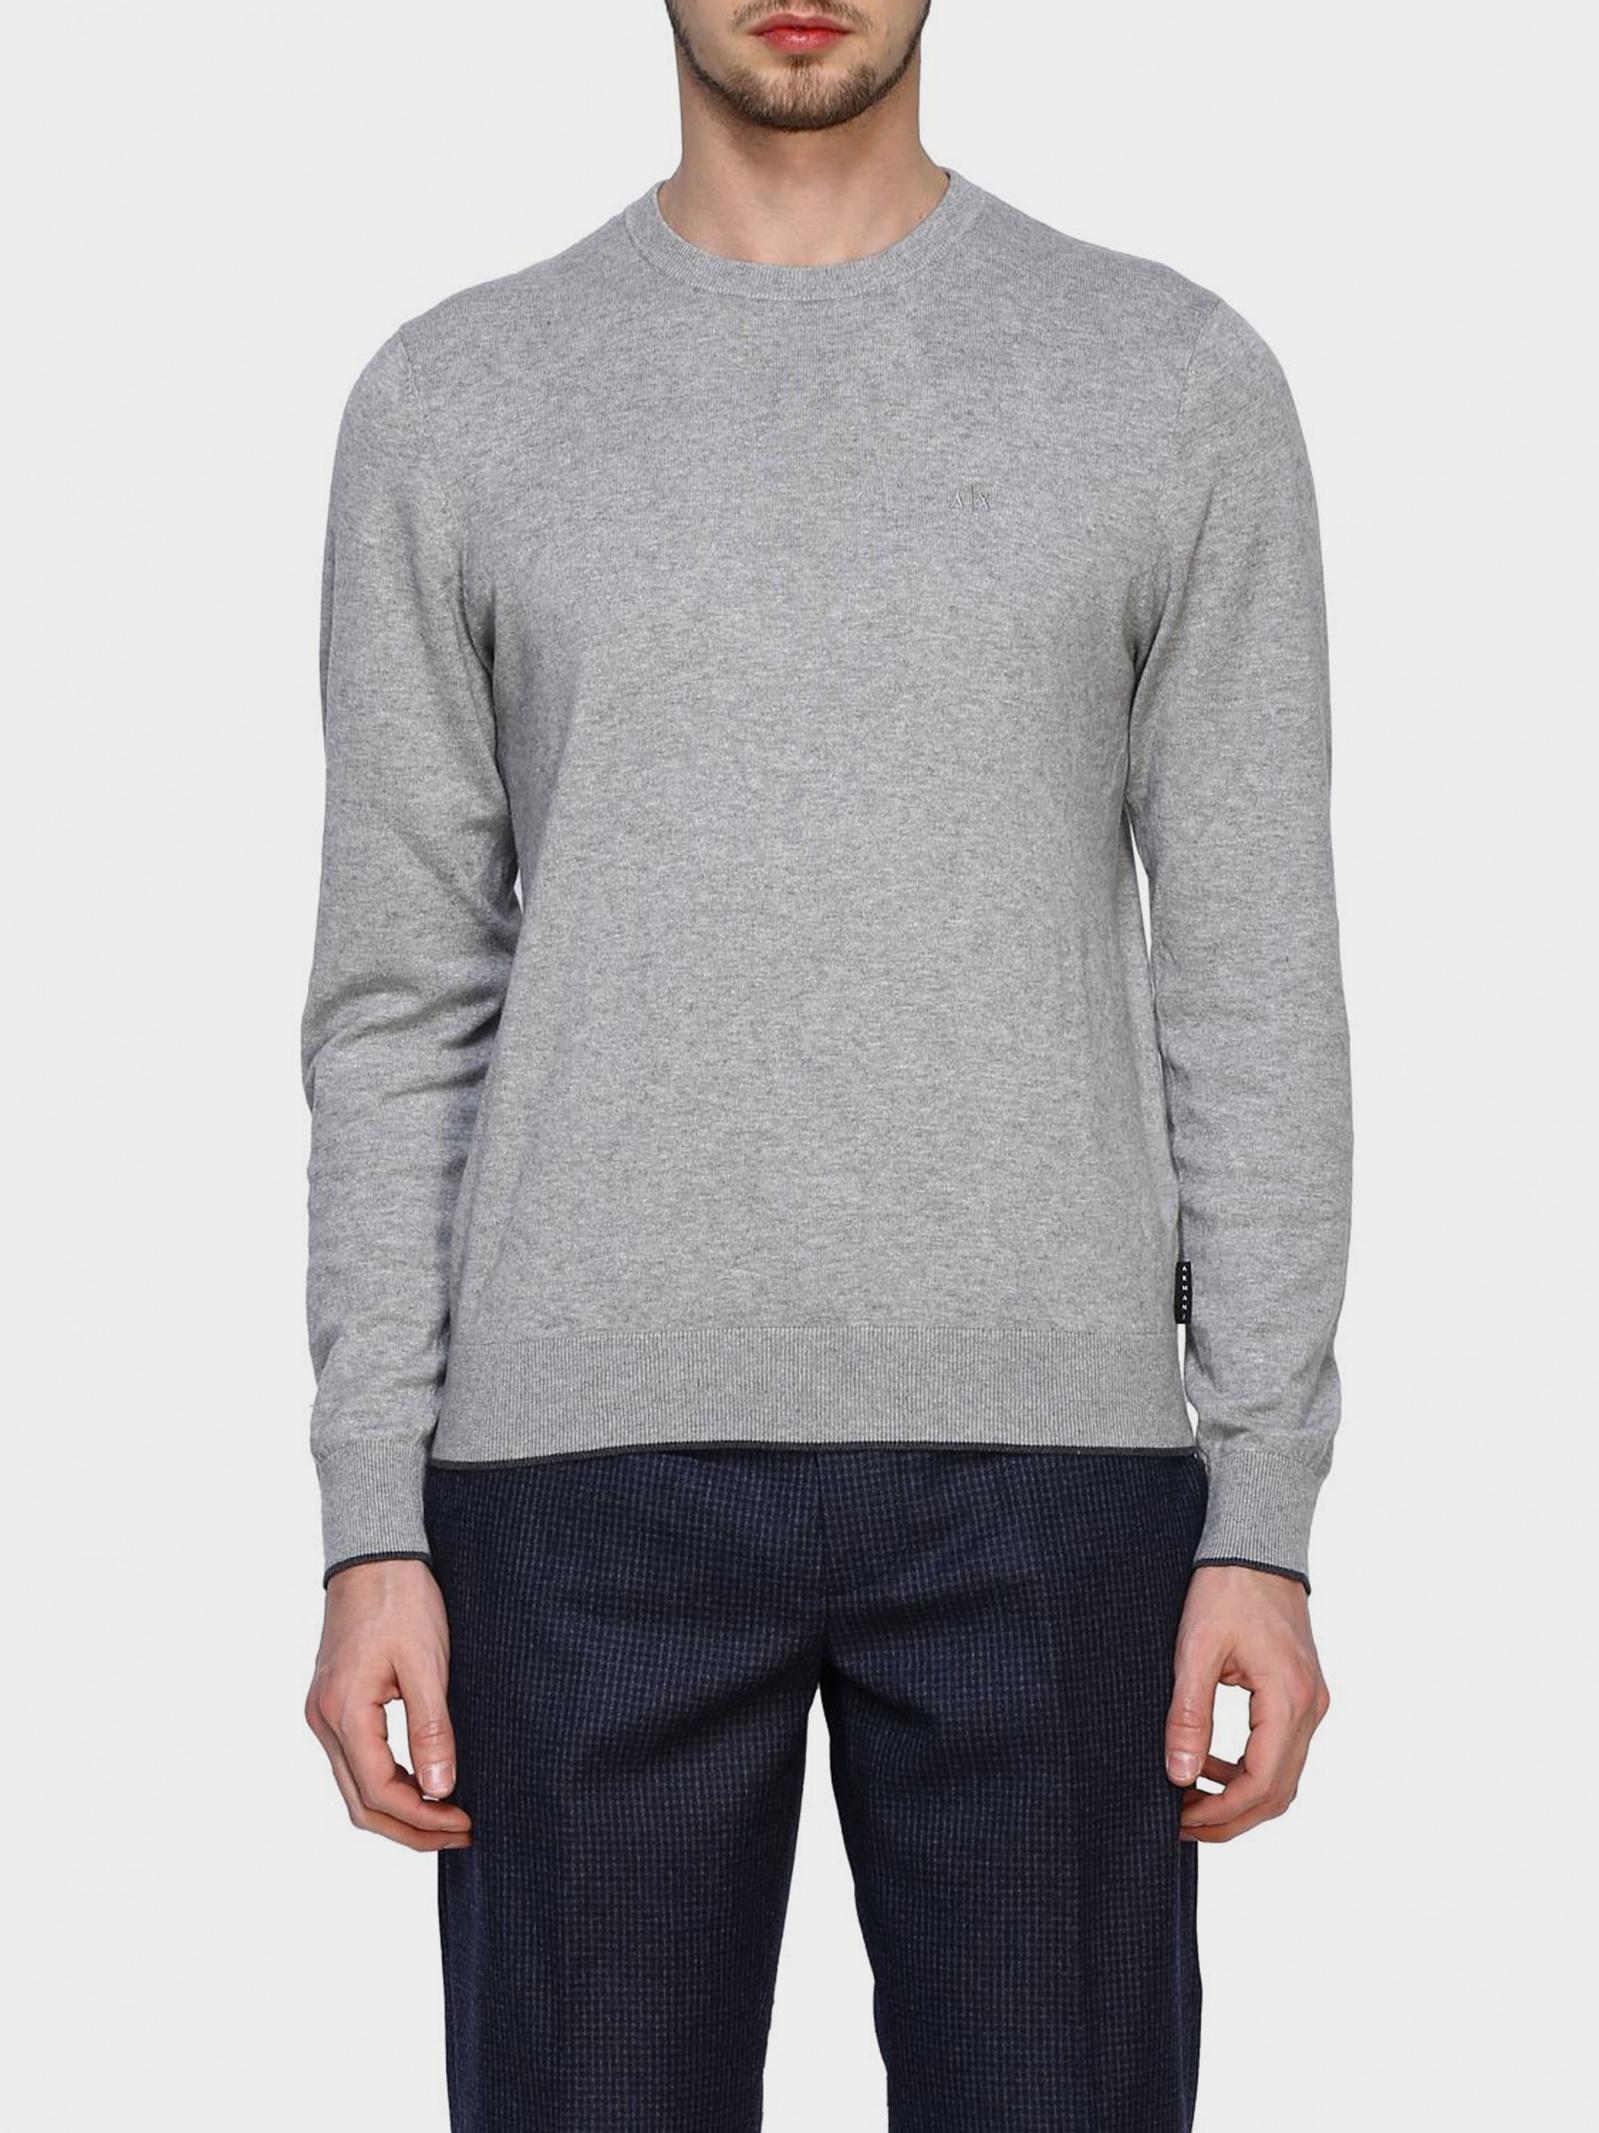 Кофты и свитера мужские Armani Exchange модель WH2486 купить, 2017